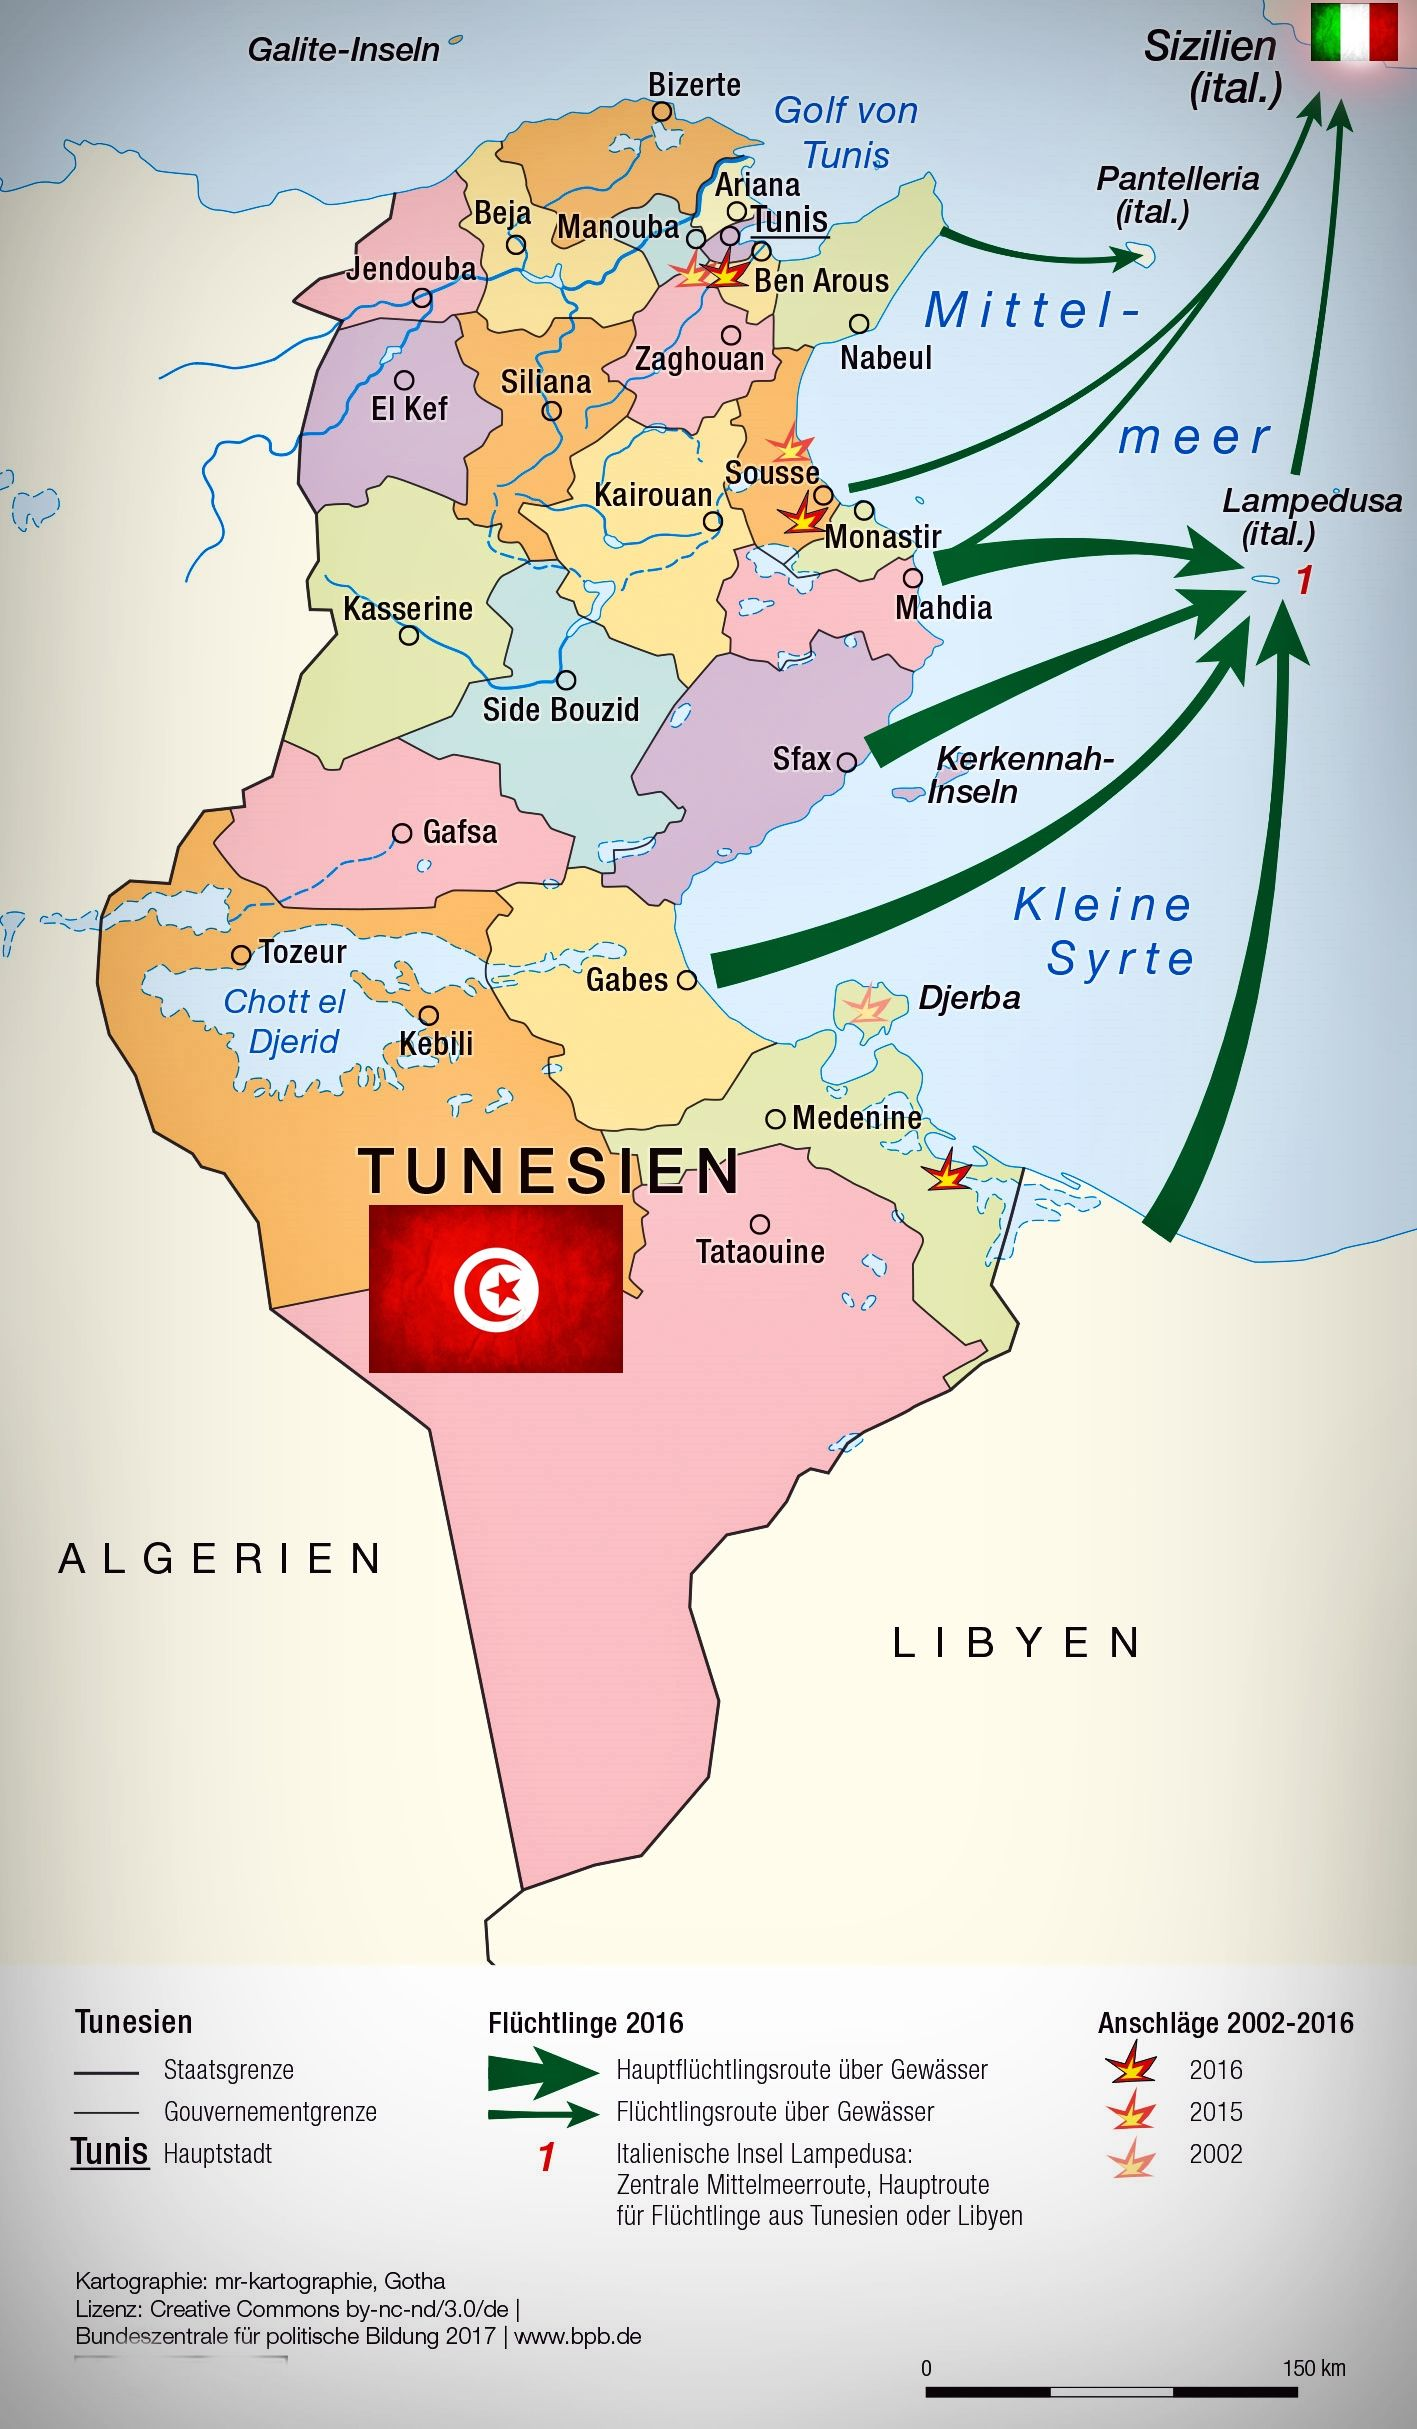 Italien Karte Lampedusa.Italien 2016 Hauptfluchtlingsrouten Von Tunesien Nach